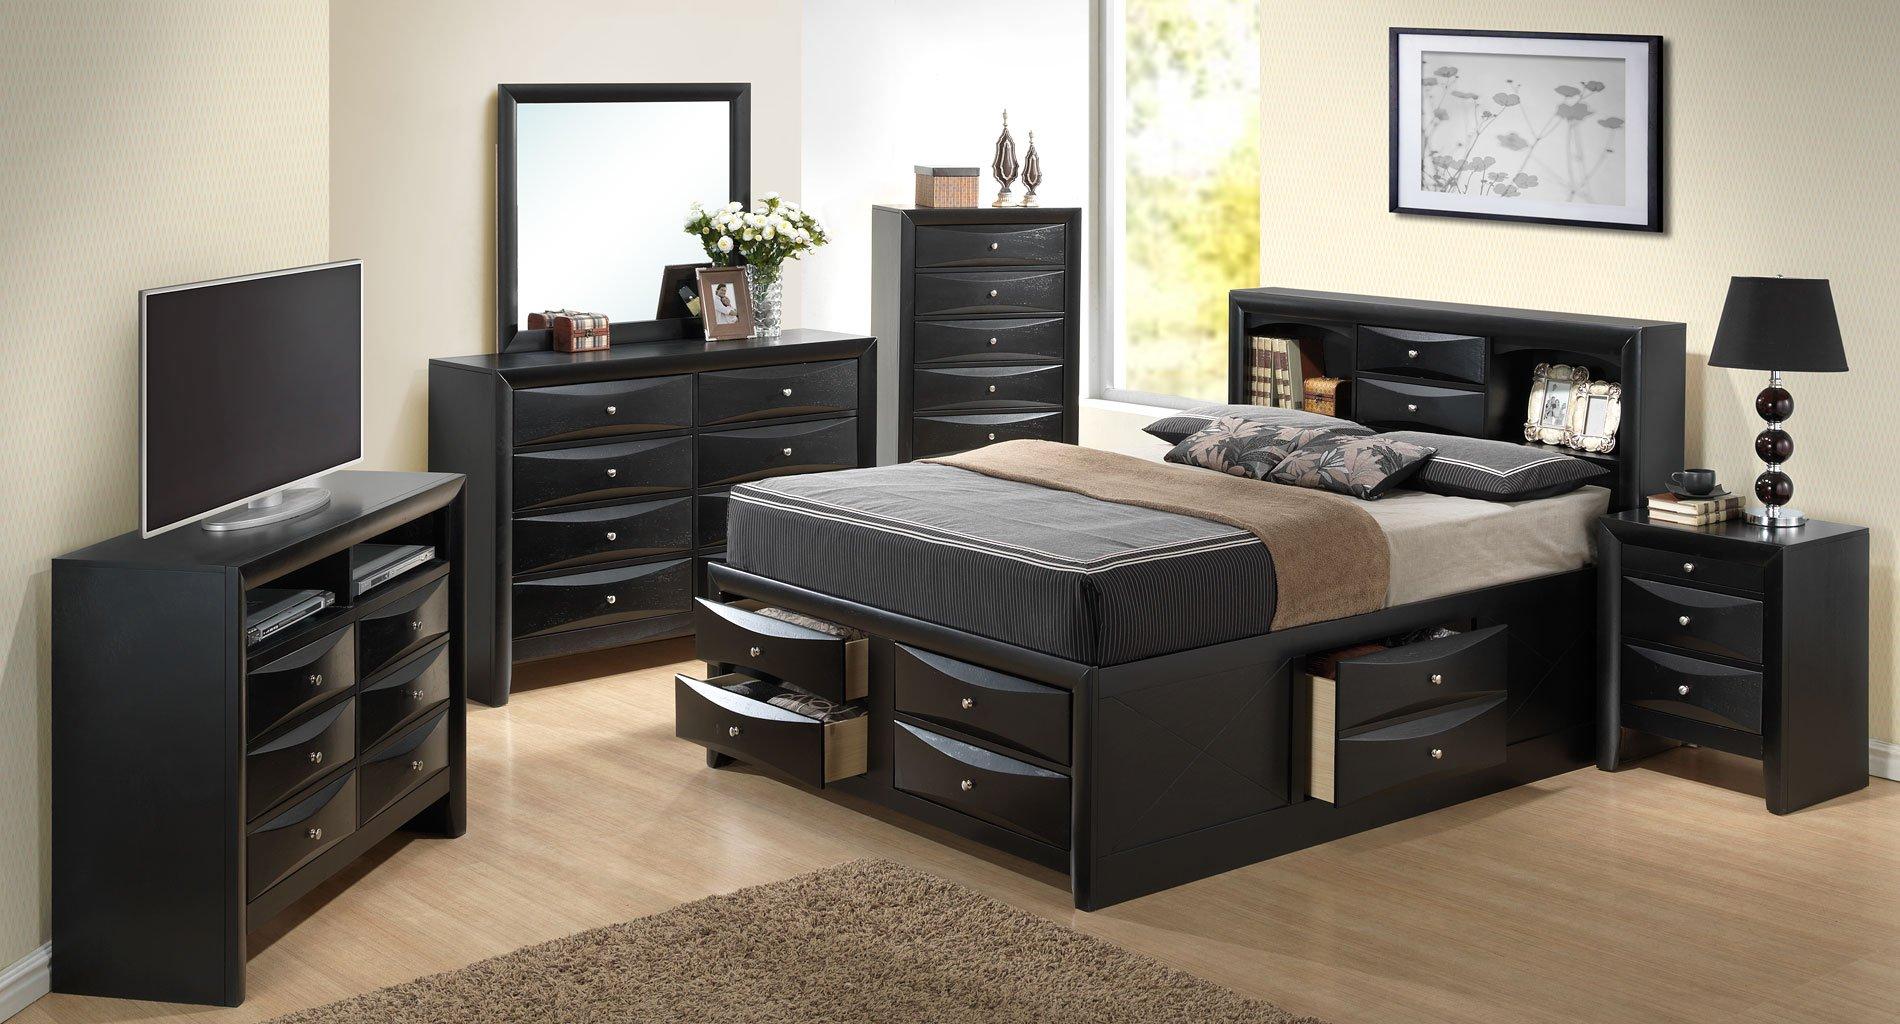 G1500G Storage Bedroom Set - Bedroom Sets - Bedroom Furniture ...